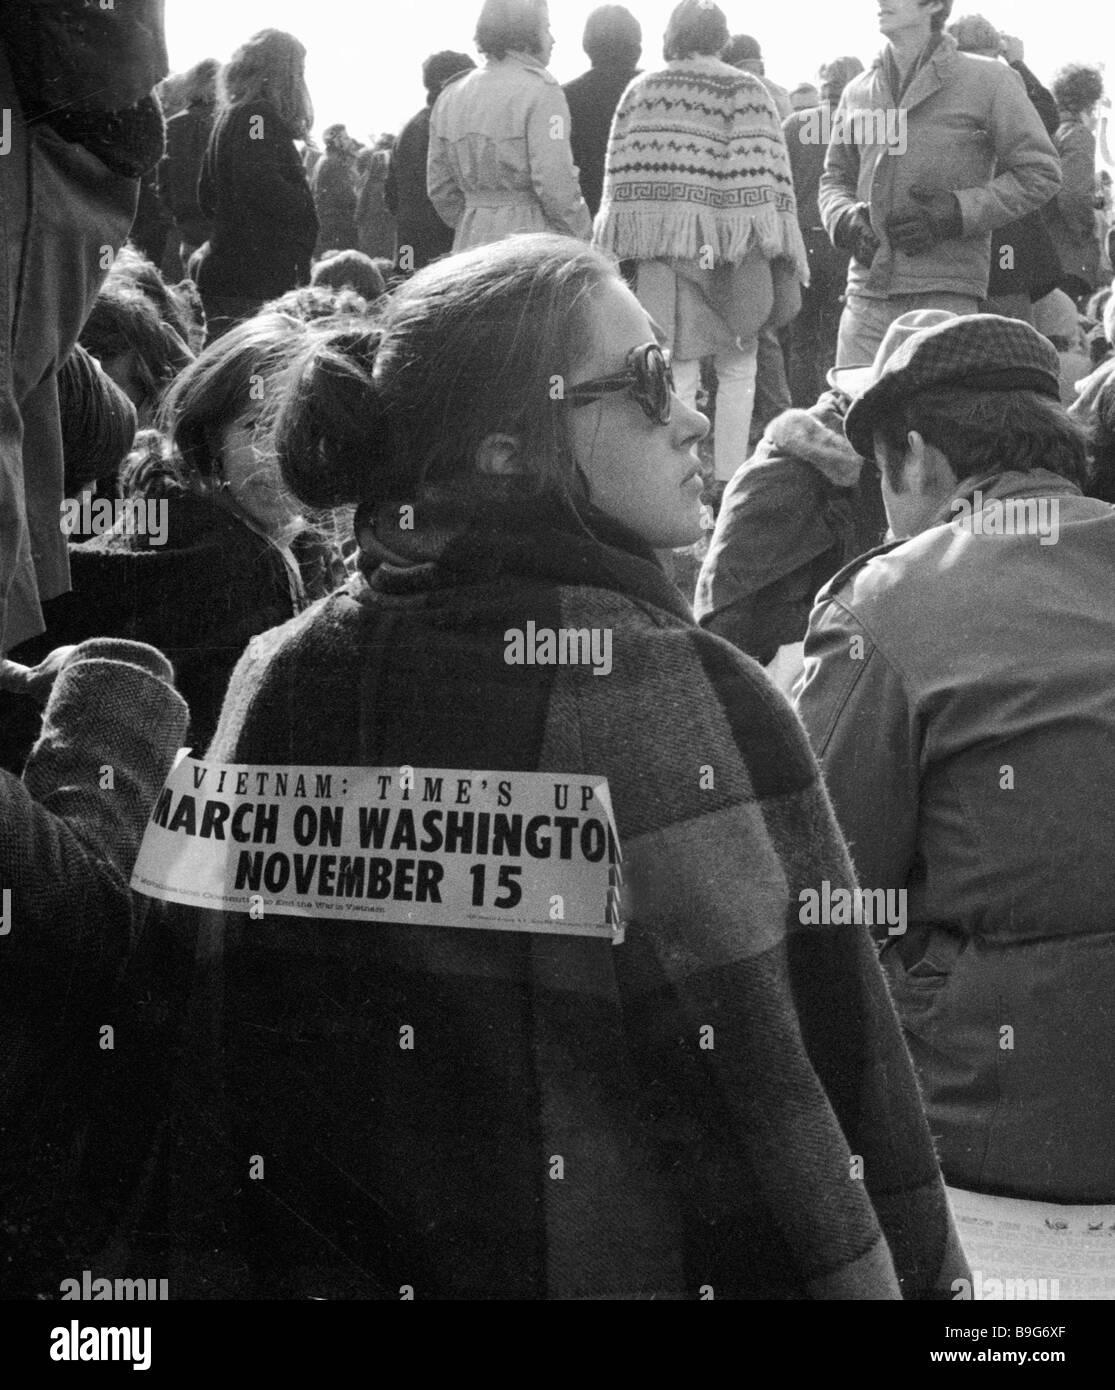 Palabras sobre el lomo de un participante en un mitin contra la guerra de Vietnam Vietnam el tiempo es hasta marzo Imagen De Stock